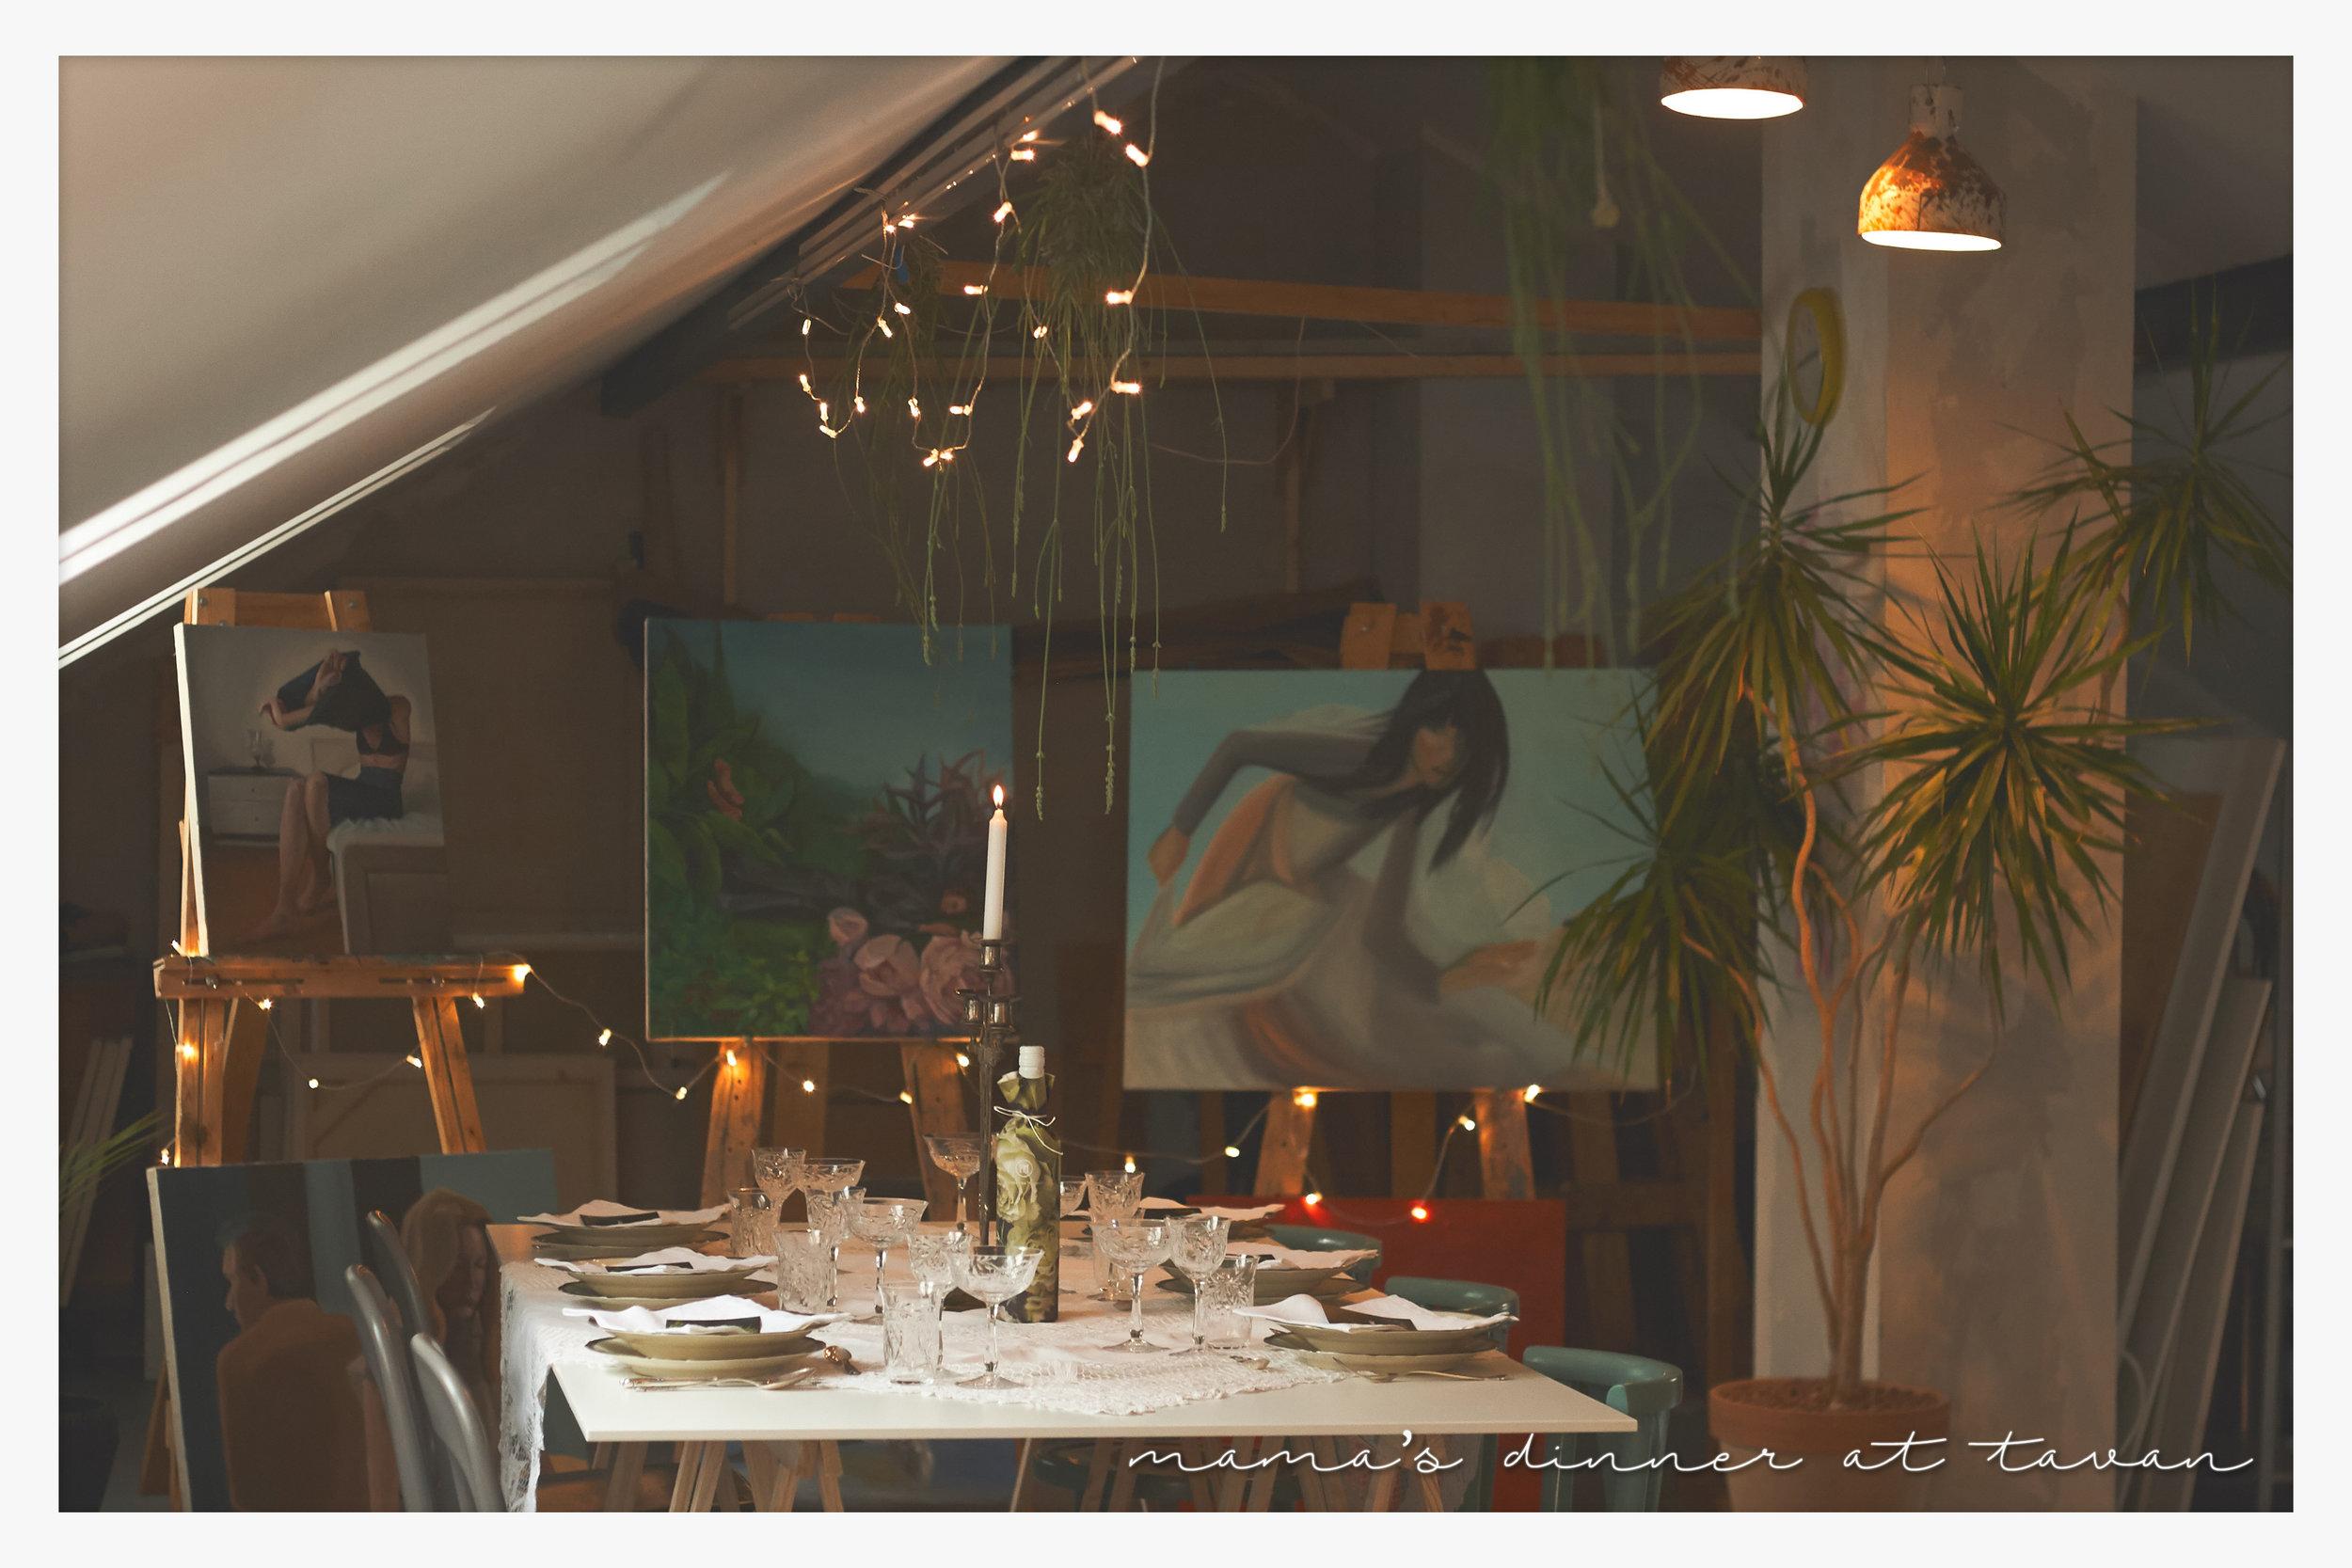 Photo: Tanja Rum: Pop Up koncept s kuhanjem gostujućih chefova, stiliziranjem hrane / serviranjem, jedenjem, dj-iranjem & uživanjem& stvaranje jedinstvenog doživljaja /    Pop Up Concept with guest Chef's Cooking Food styling / Serving, Eating, DJ-ing & Enjoying & Creating Unique Experience